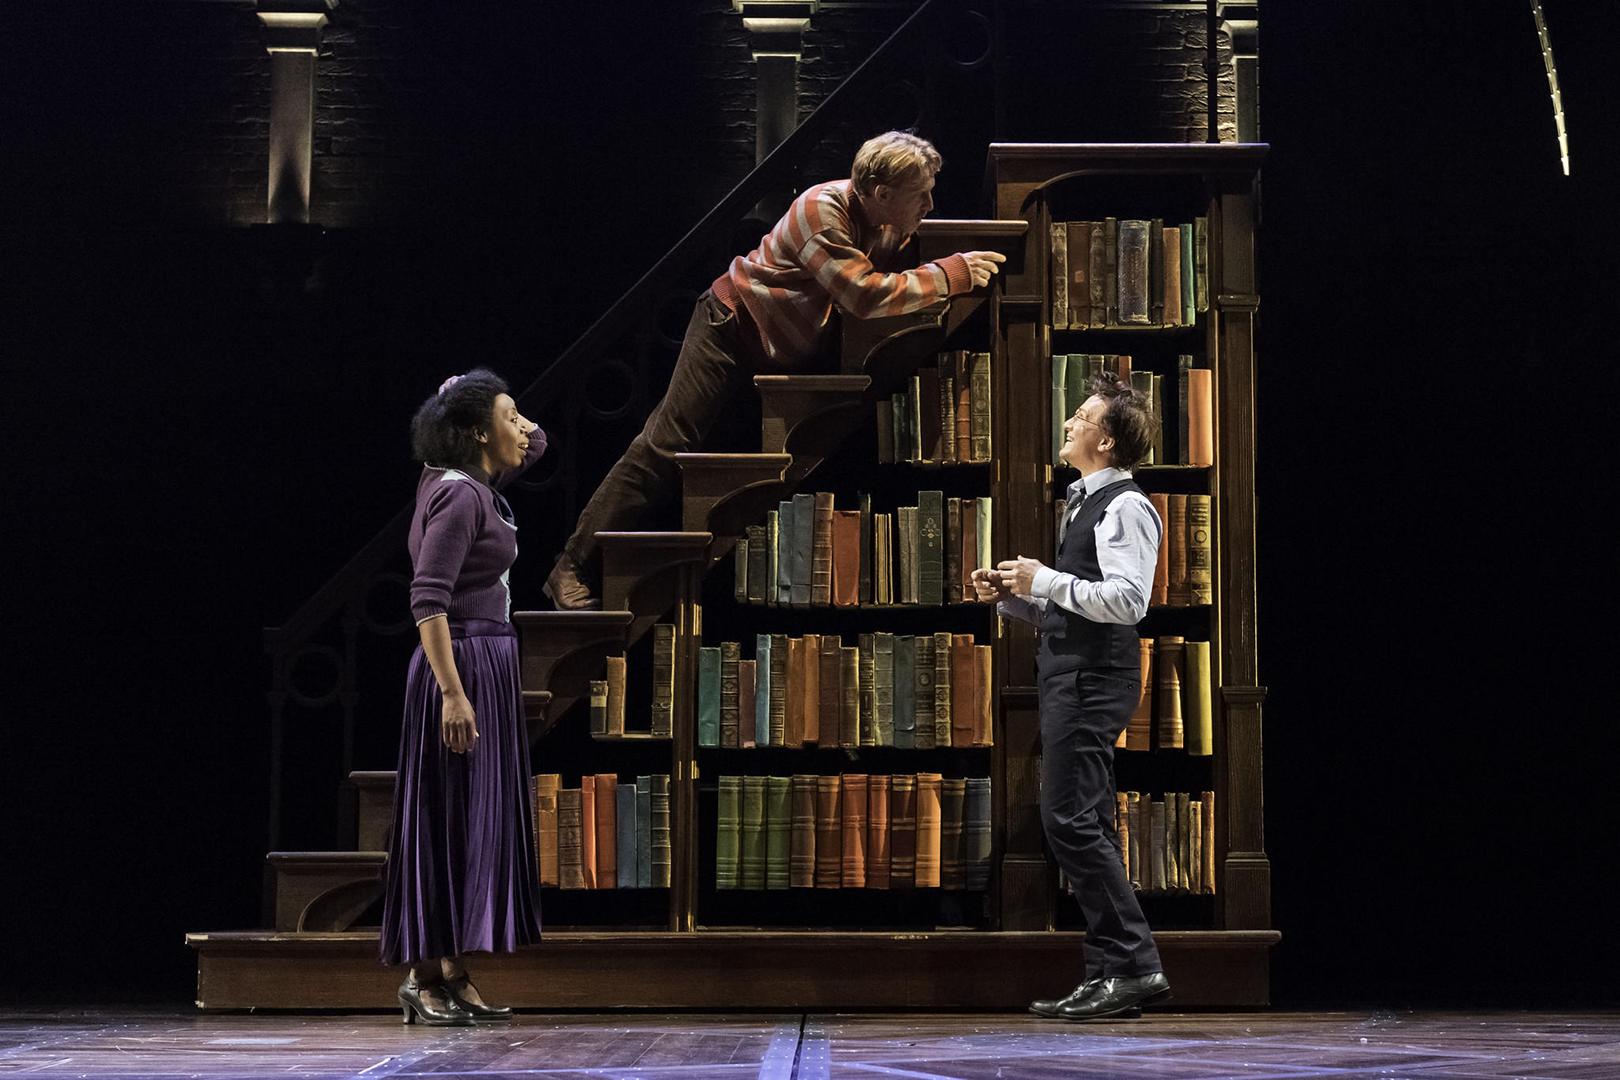 Hermione, Rony e Harry em frente a uma estante de livros.